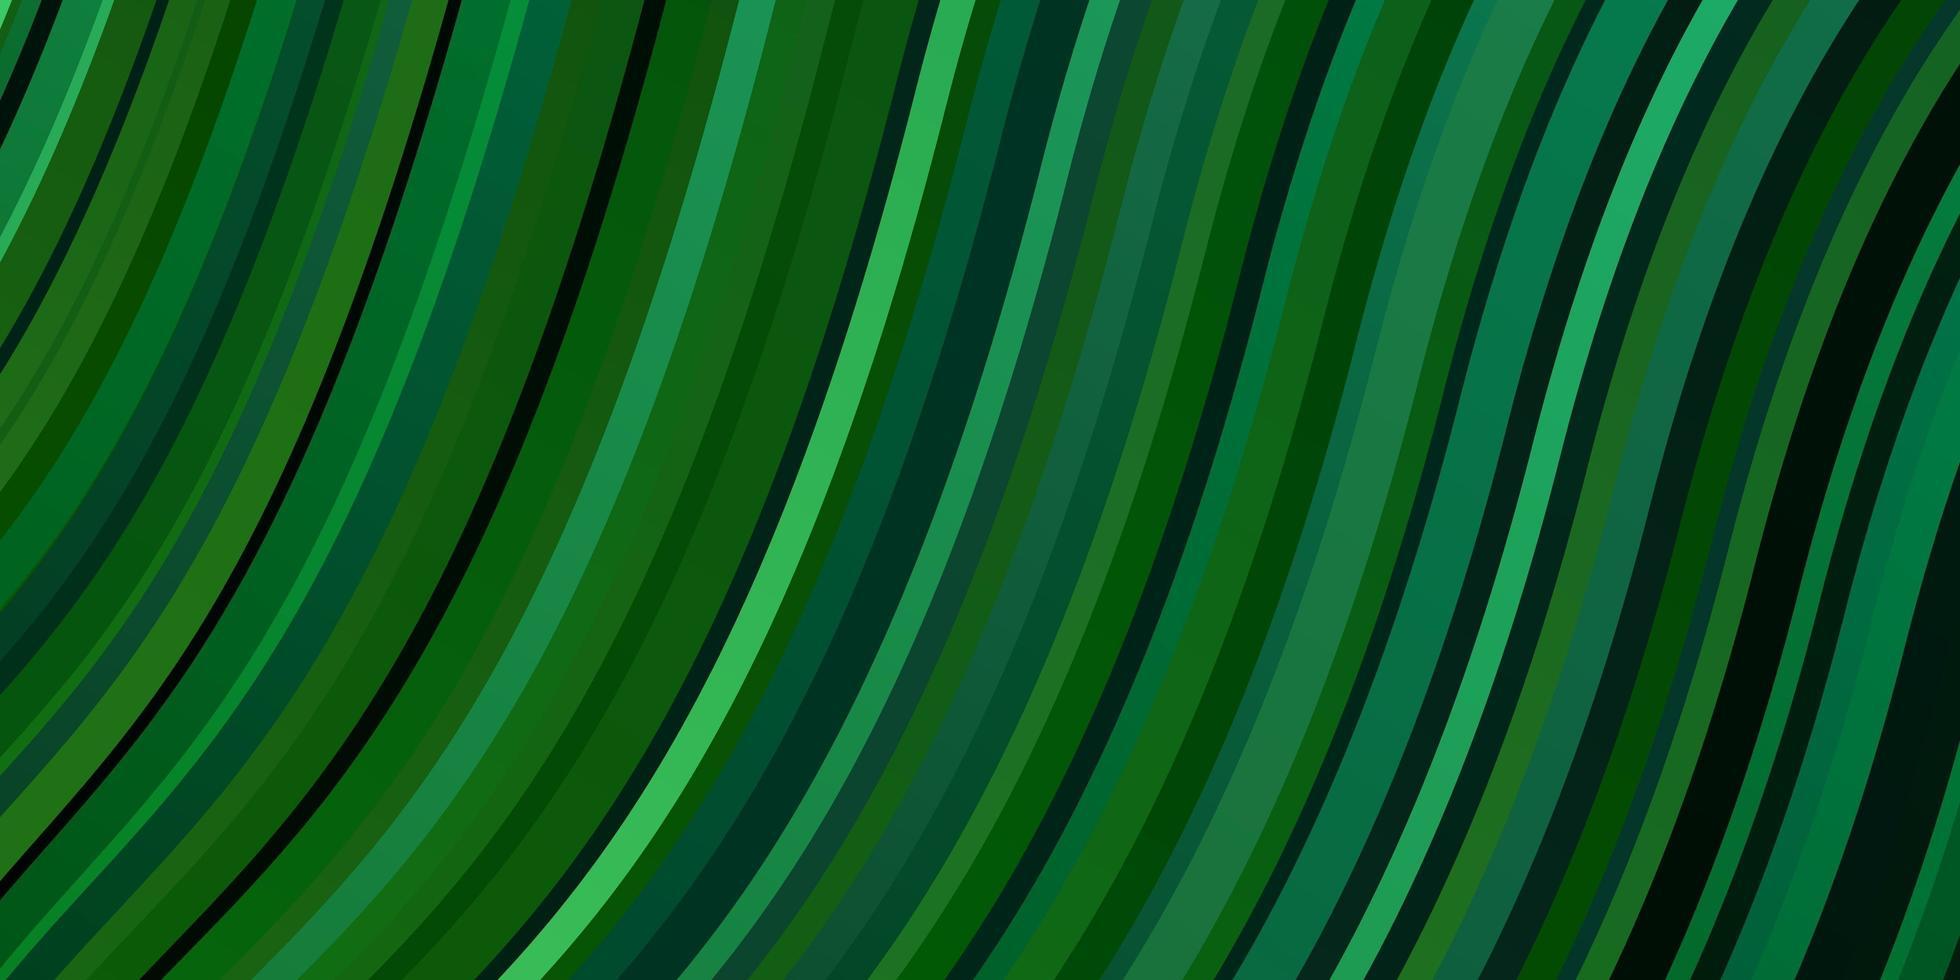 tessitura verde chiaro con curve. vettore